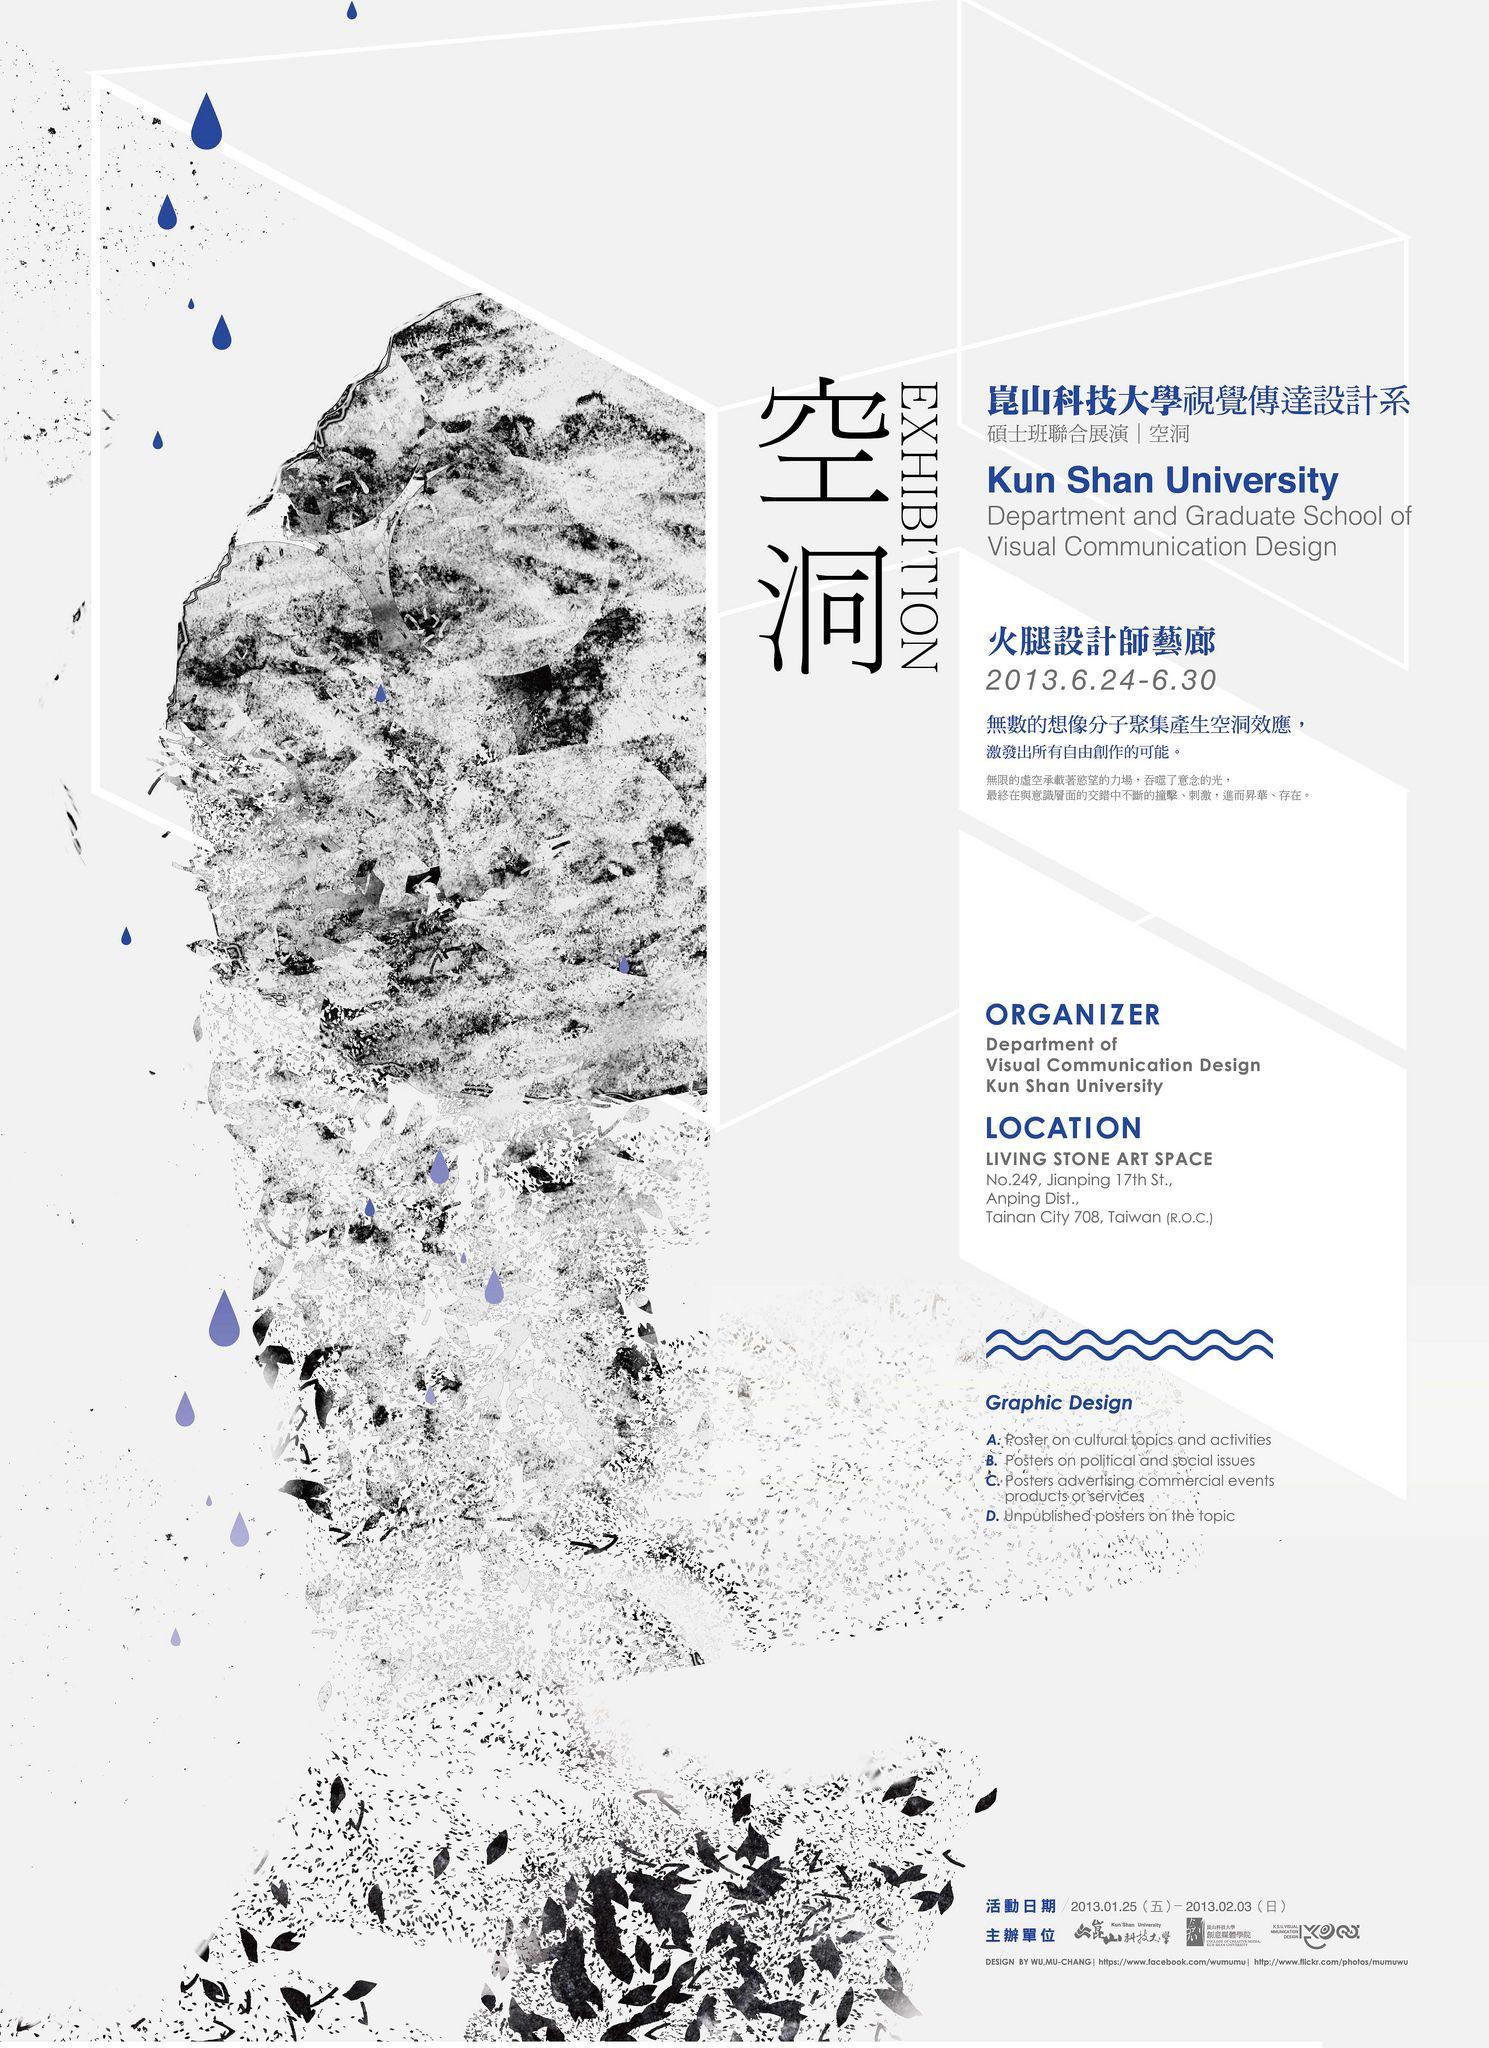 空洞|崑山科技大學視覺傳達設計系|碩士班聯合展演 | 相片擁有者 吳穆昌